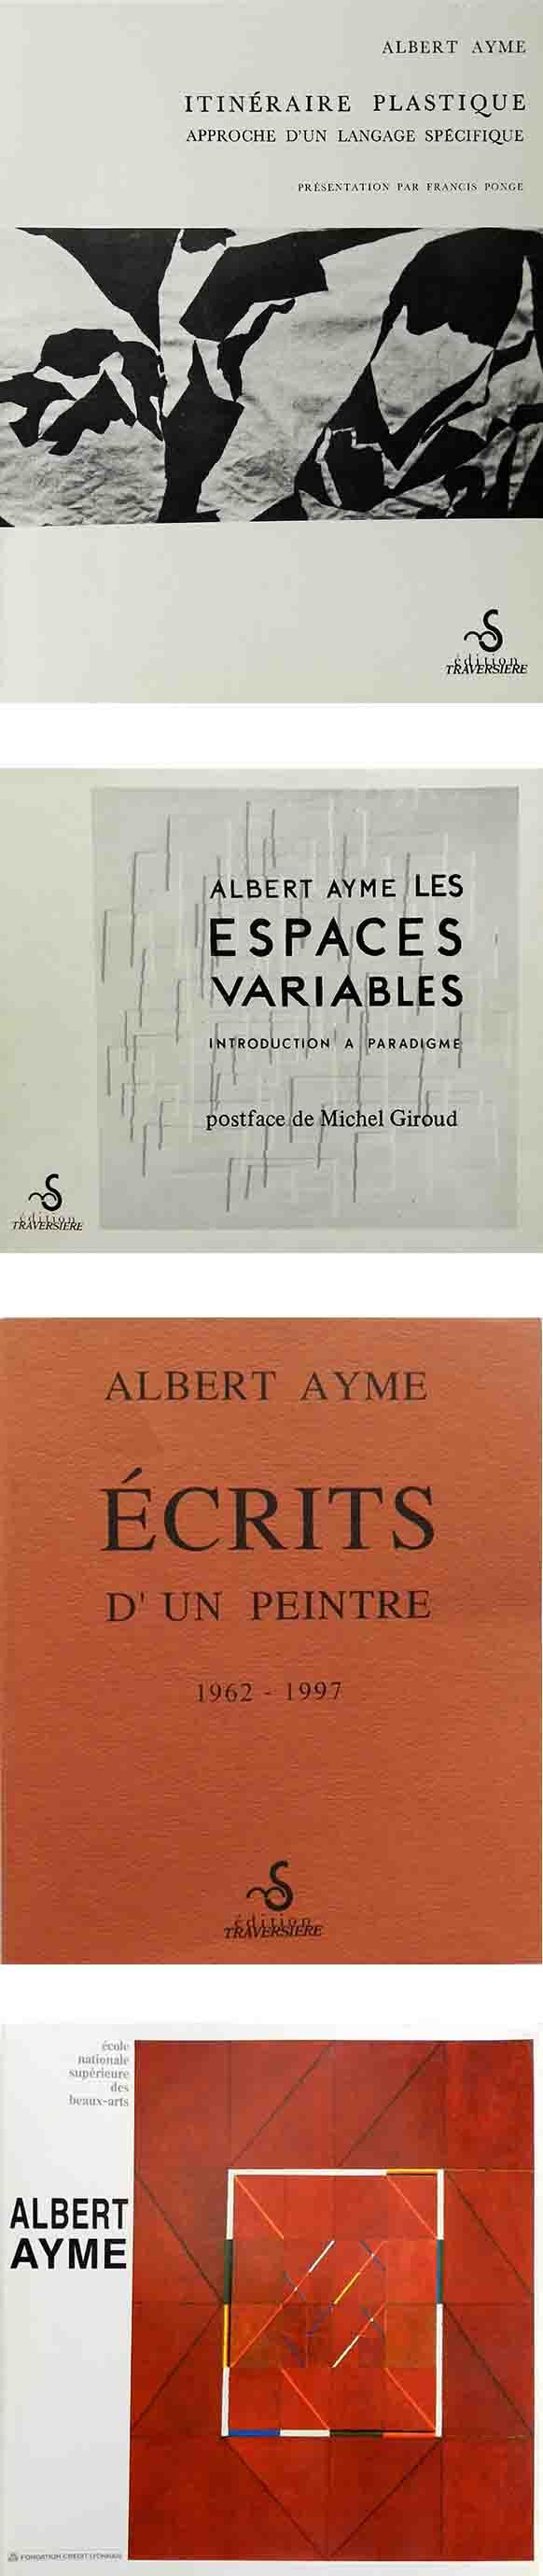 ALBERT AYME - RELIEFS SOUSTRACTIFS